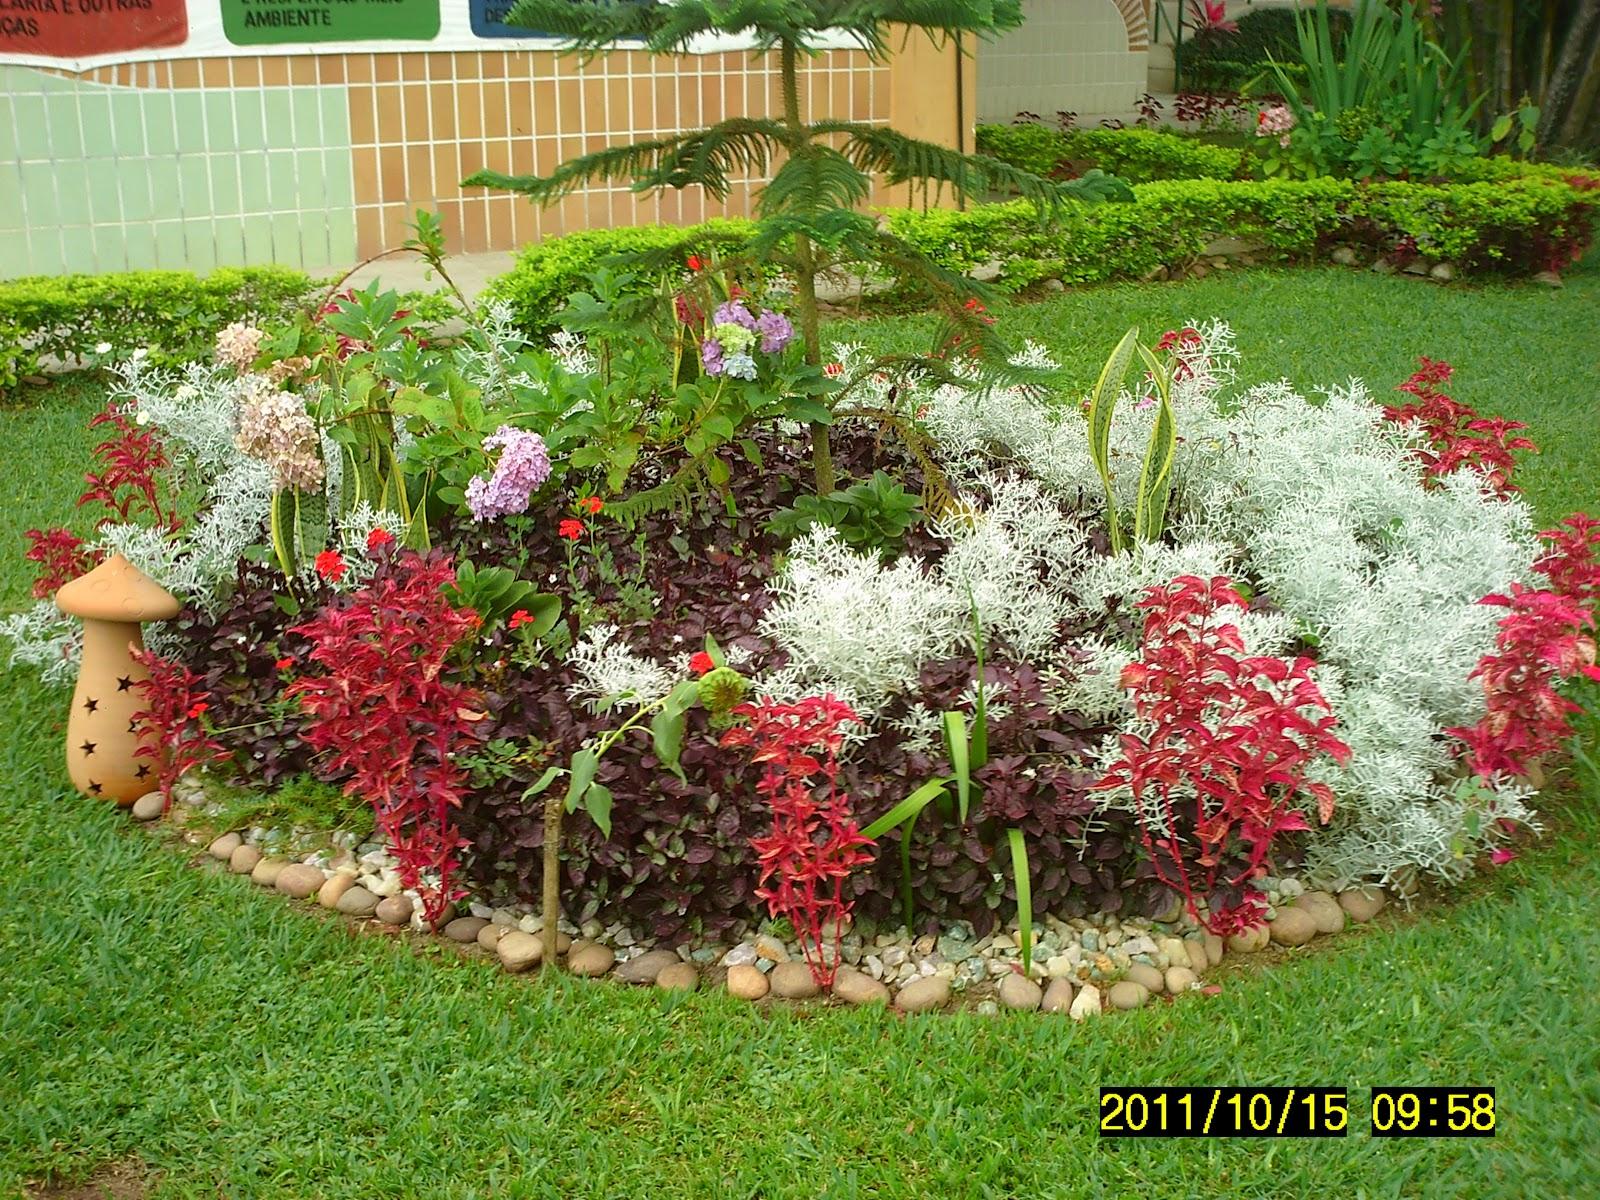 fotos jardins lindos : fotos jardins lindos:Postado por Michelle Borges às 06:27